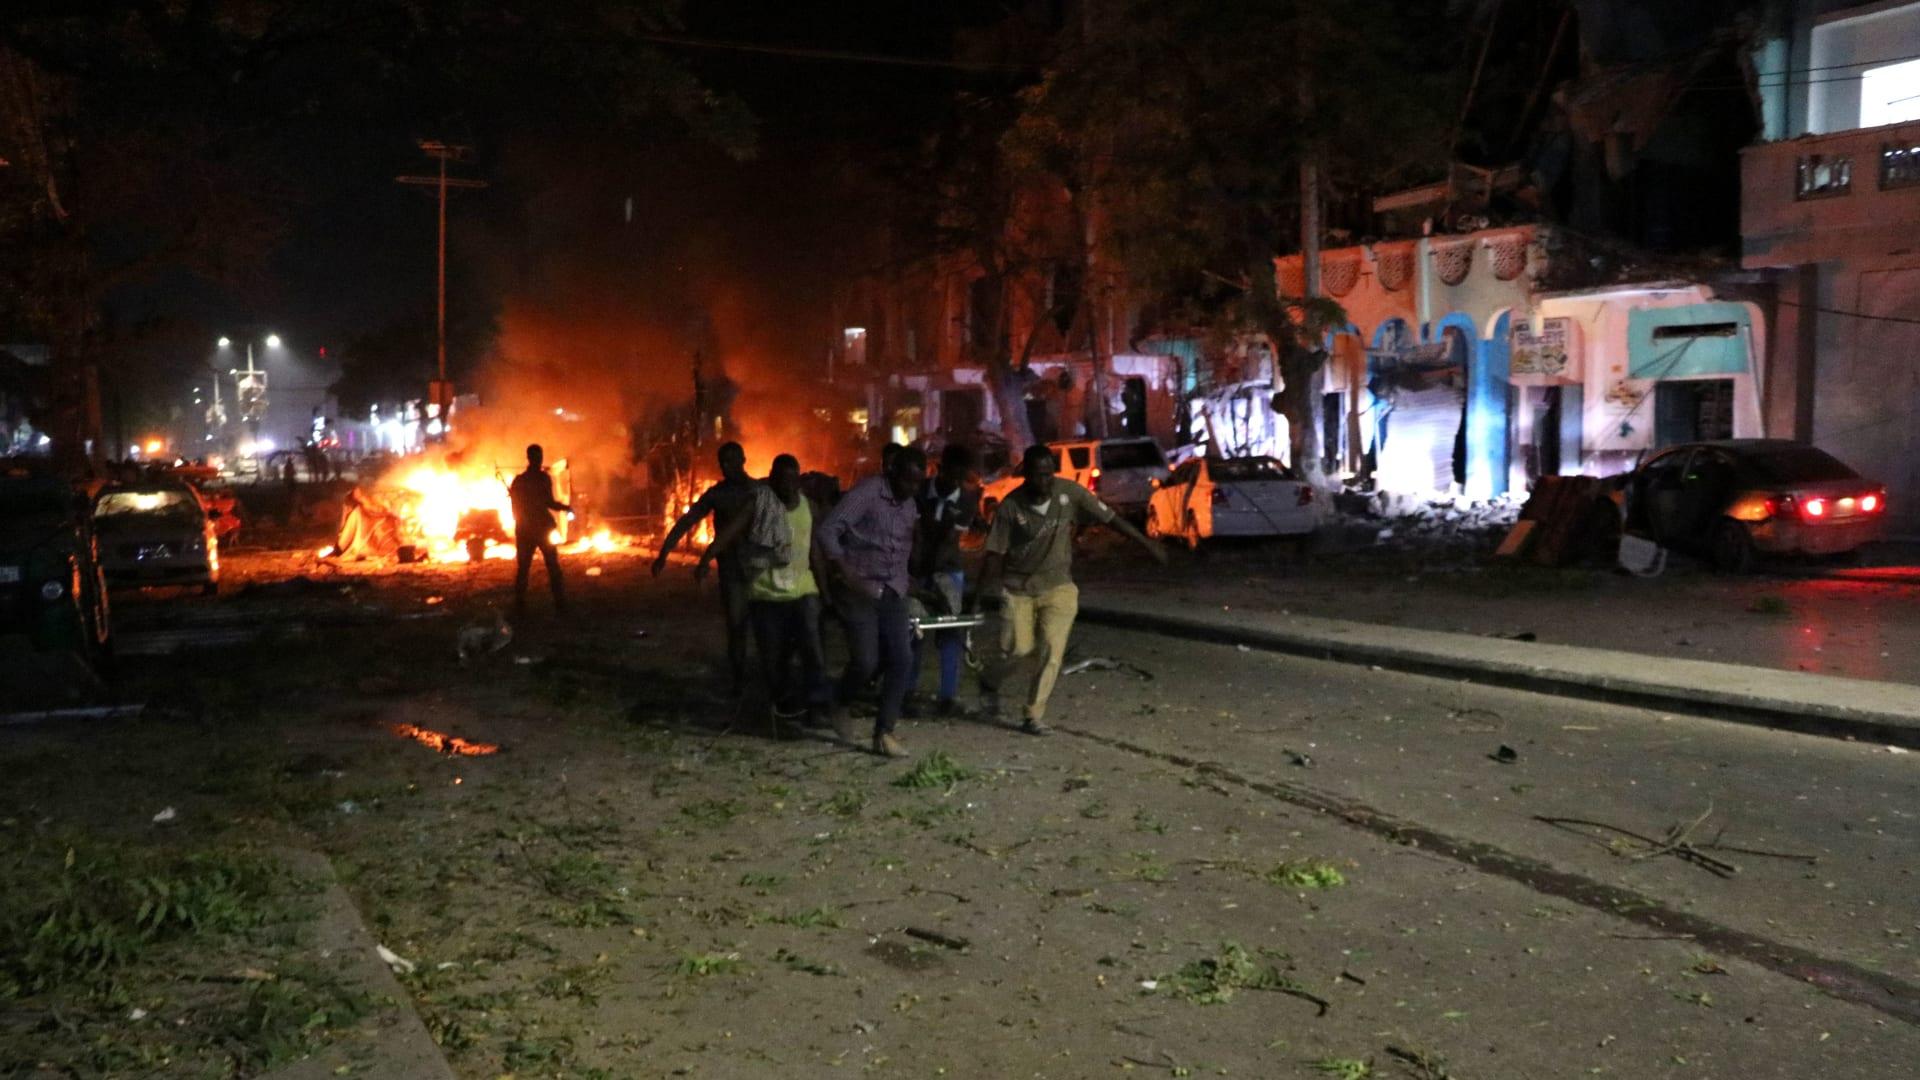 الصومال: انفجار سيارة أمام فندق يقصده مسؤولون حكوميون في مقديشيو